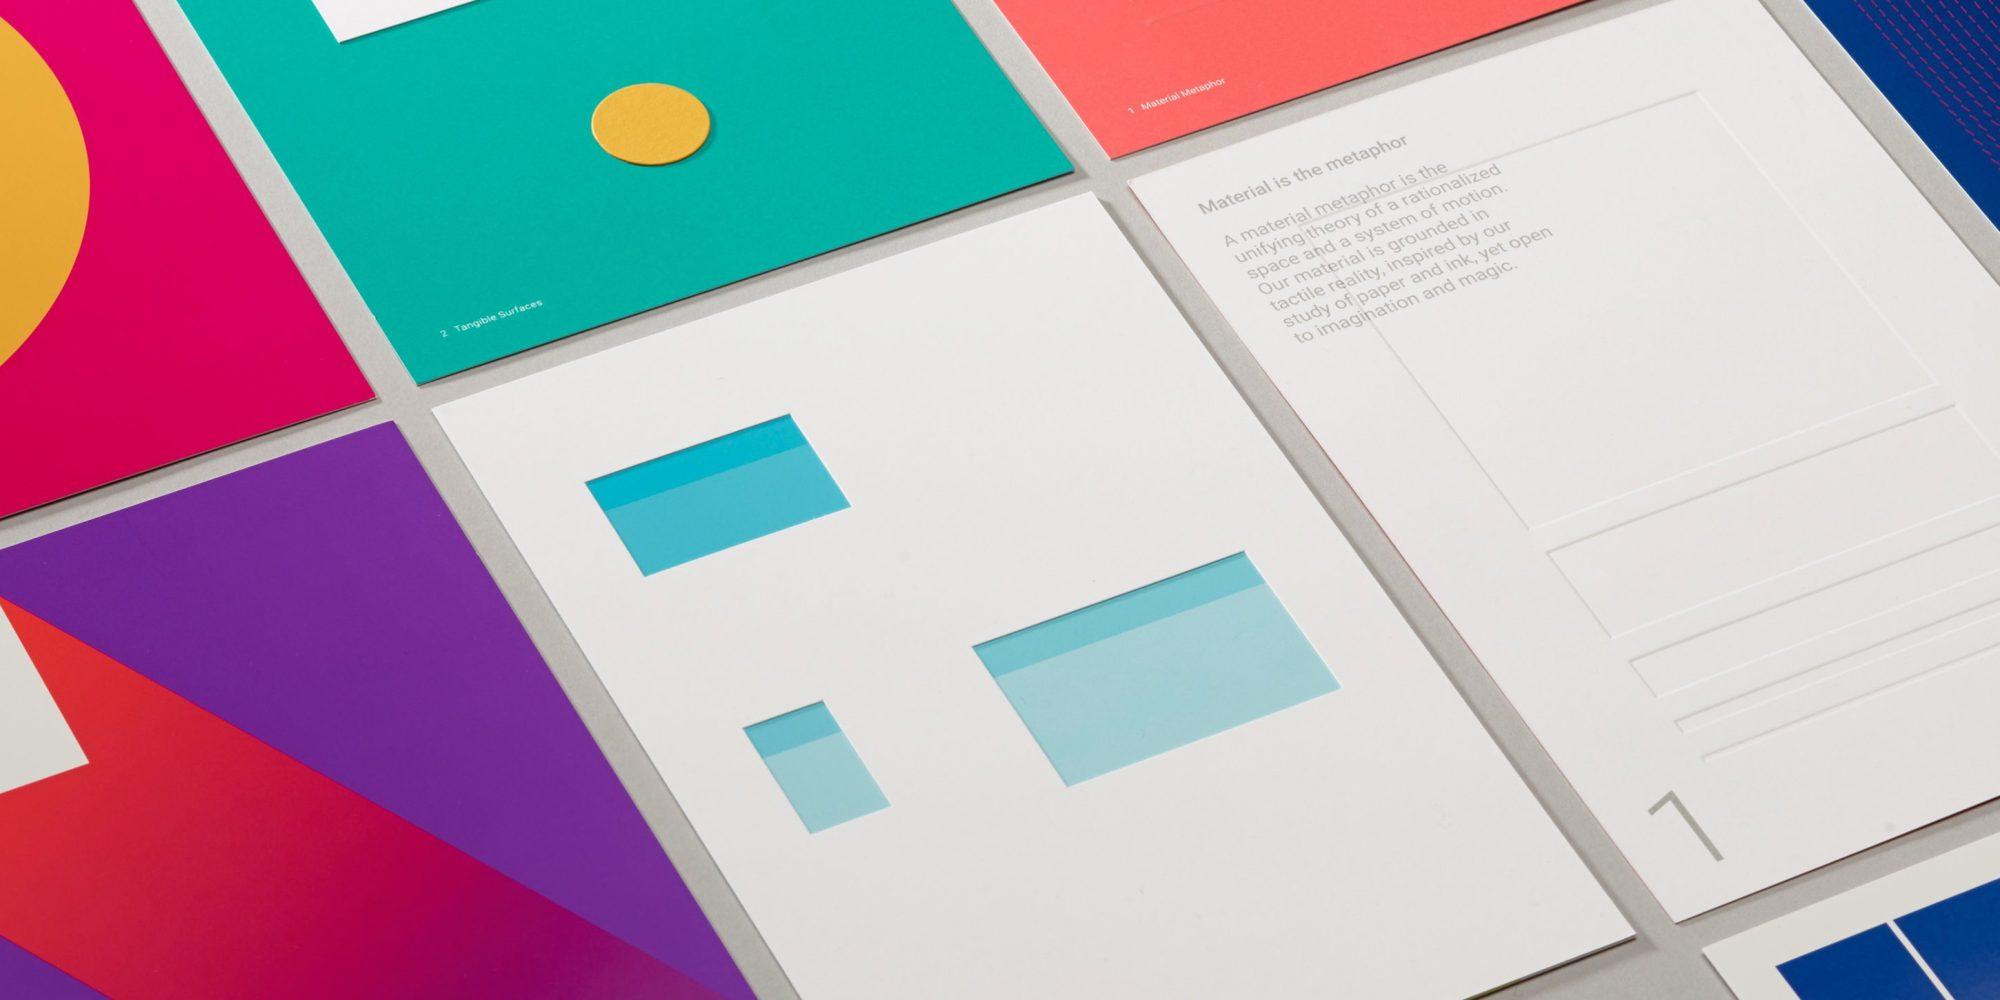 Material Design 2.0